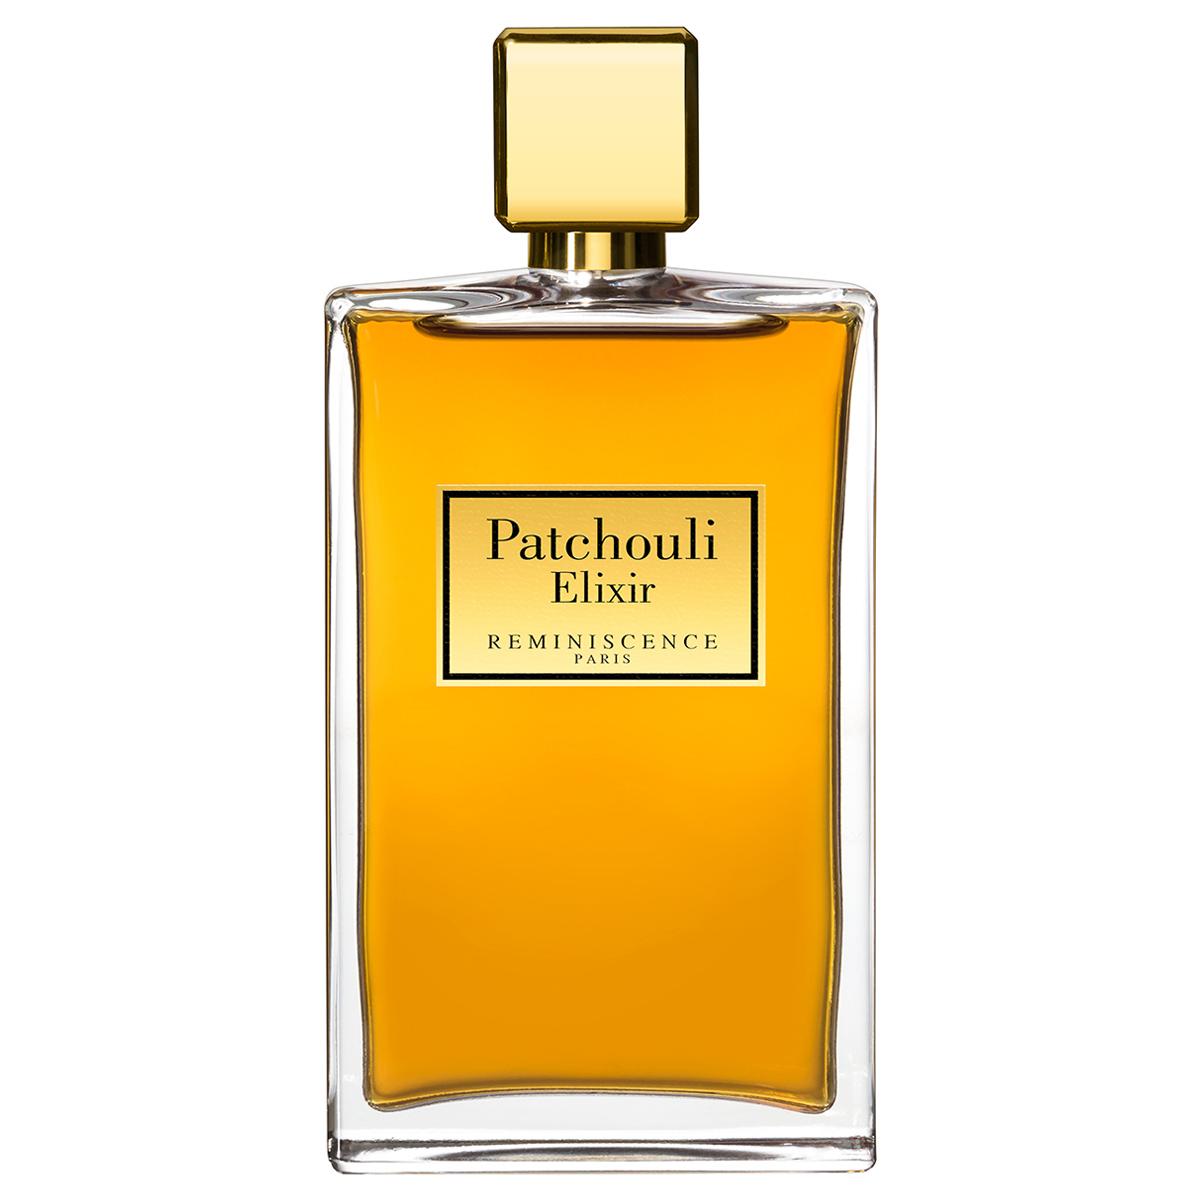 Eau de Parfum Patchouli Elixir - REMINISCENCE